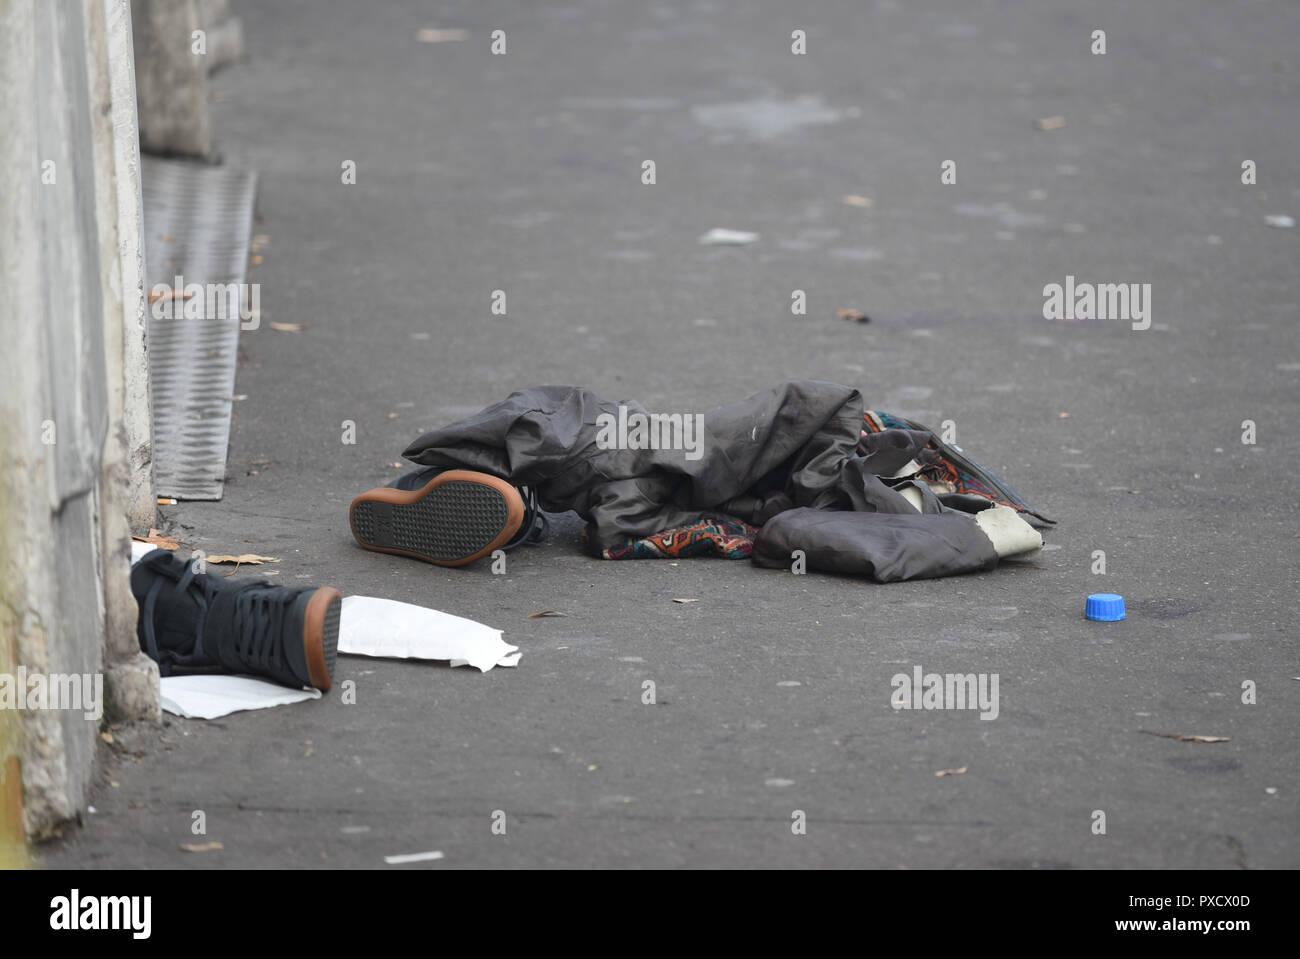 November 14, 2015 - Paris, France: Shoes left near the Bataclan concert hall, where scores of people were killed during the worst-ever terror attack to hit Paris. Des chaussures et des vetements appartenant aux victimes abandonnees pres du Bataclan, au lendemain des tueries du 13 novembre 2015, dans lesquelles 130 personnes ont ete tuees par des terroristes djihadistes. *** FRANCE OUT / NO SALES TO FRENCH MEDIA *** - Stock Image